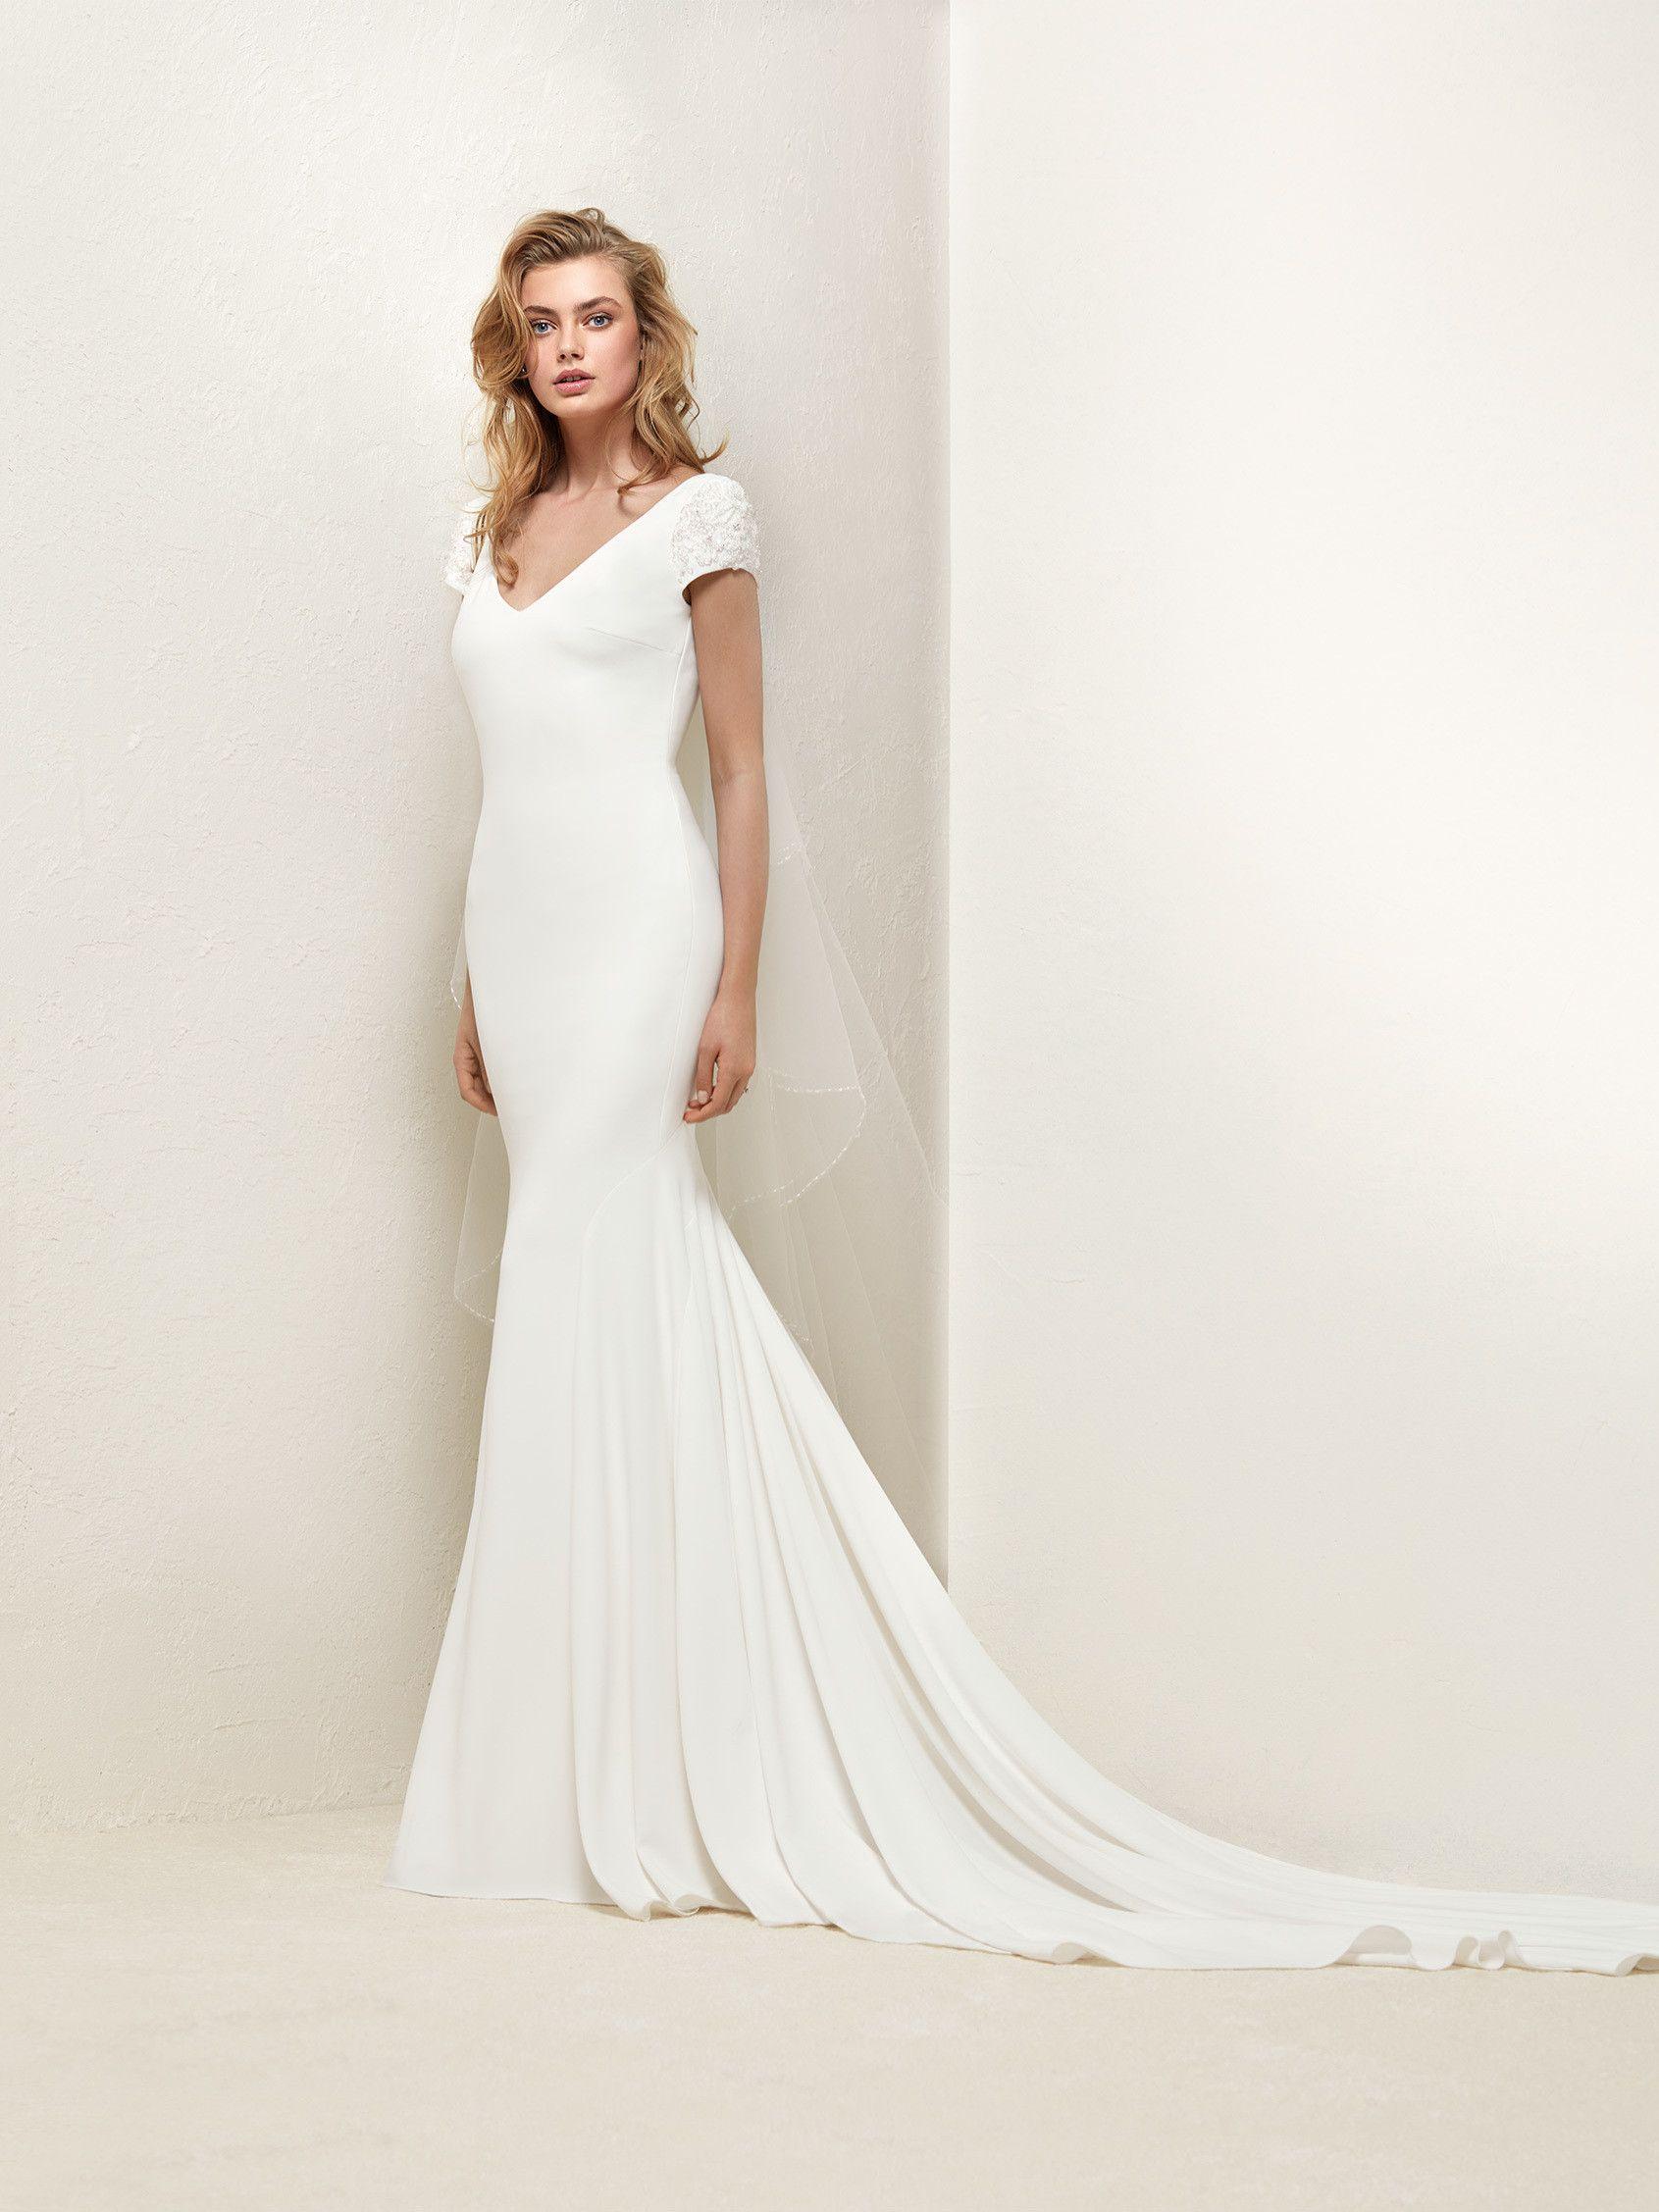 Peinados para vestidos de novia sirena